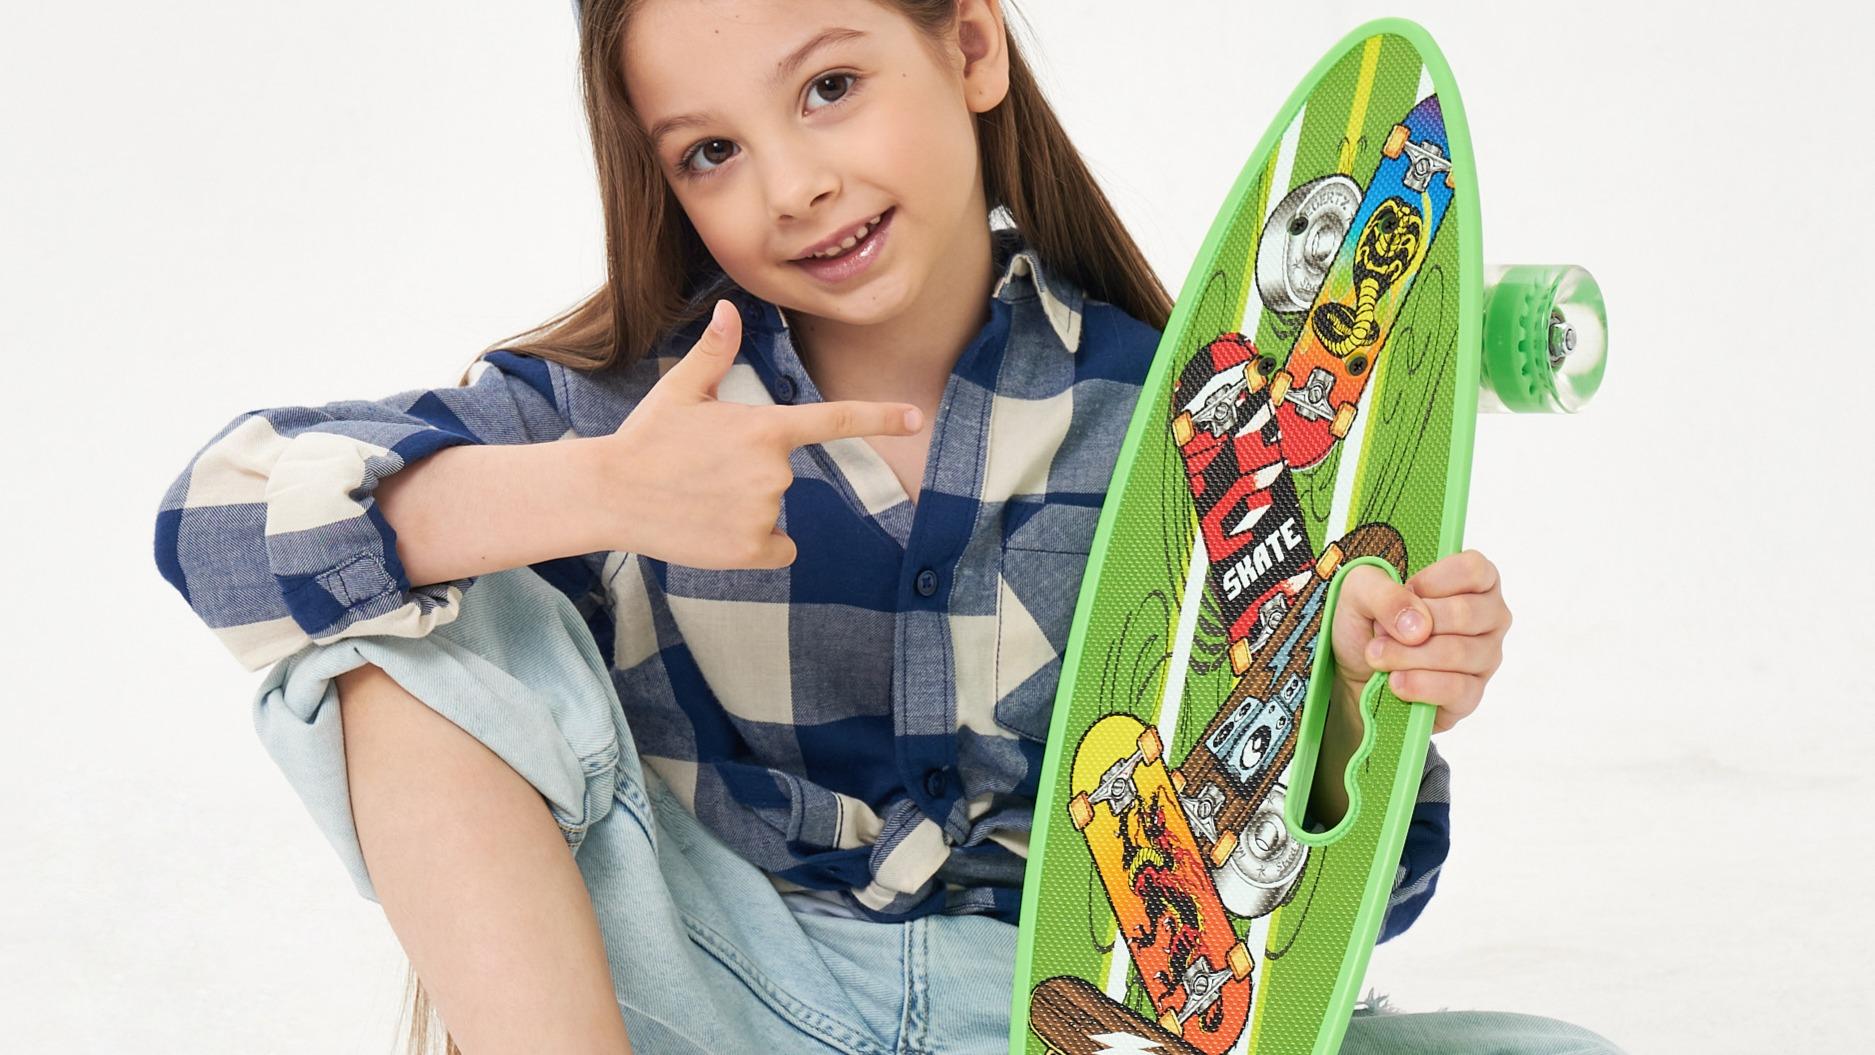 Скейтборд — роликовая доска, которая используется как средство передвижения